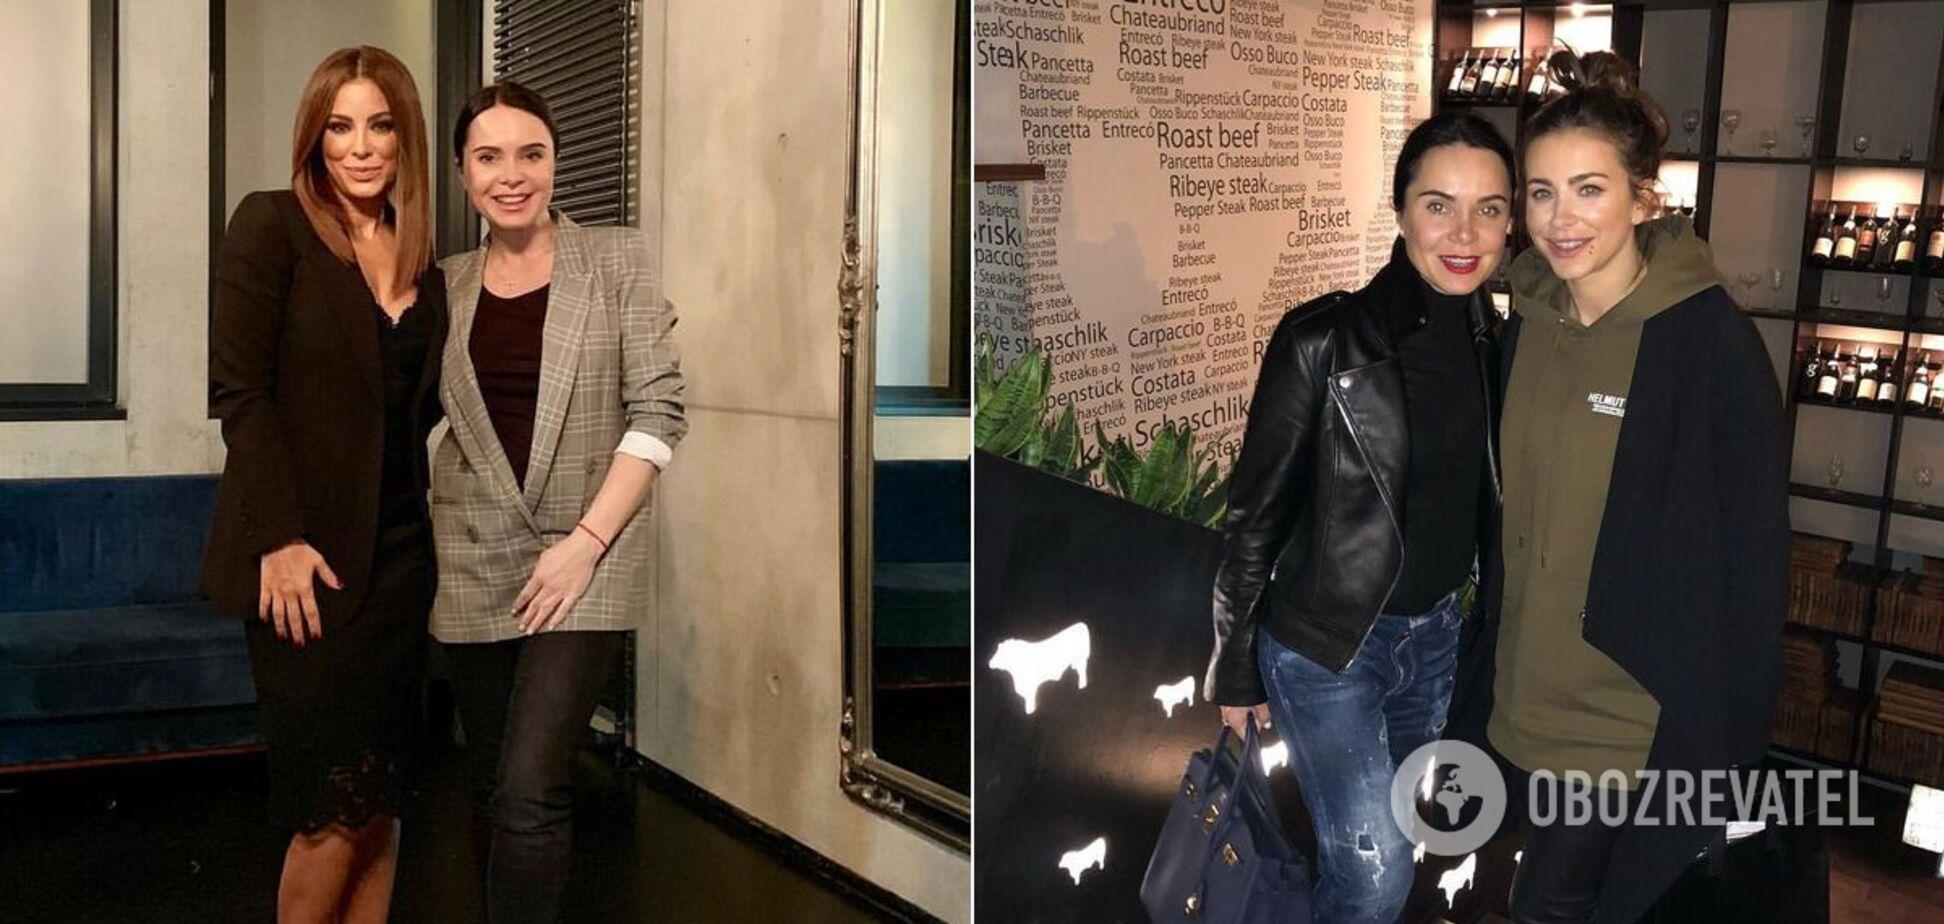 Ани Лорак засветилась в Киеве с Подкопаевой: фанаты не в восторге от встречи